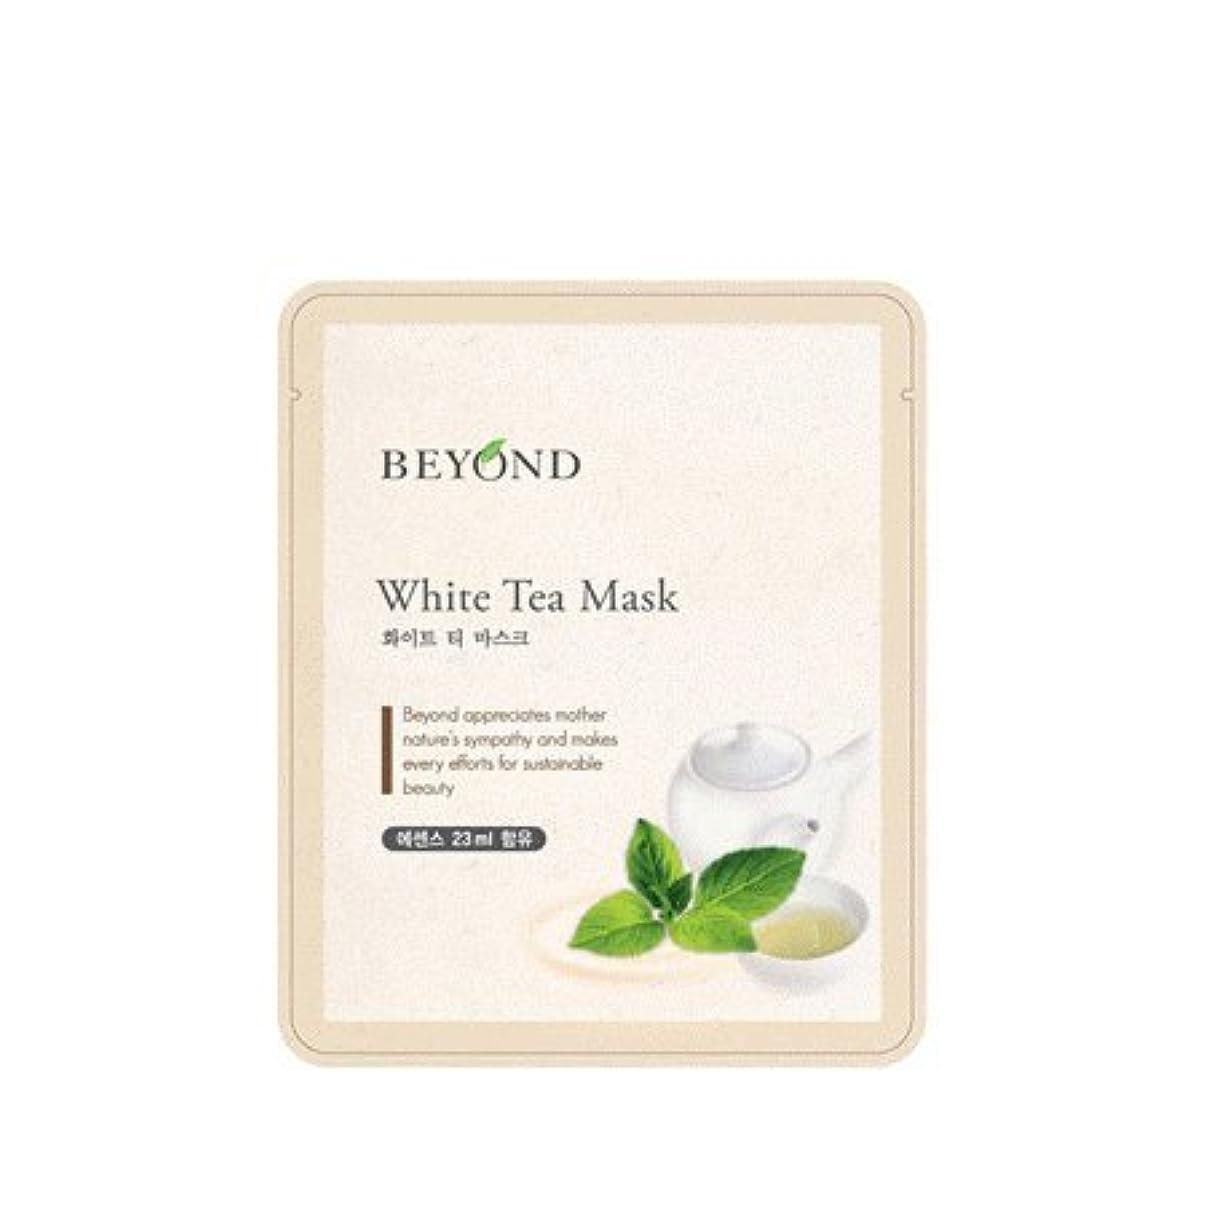 酸っぱい常習者助手Beyond mask sheet 5ea (White Tea Mask)